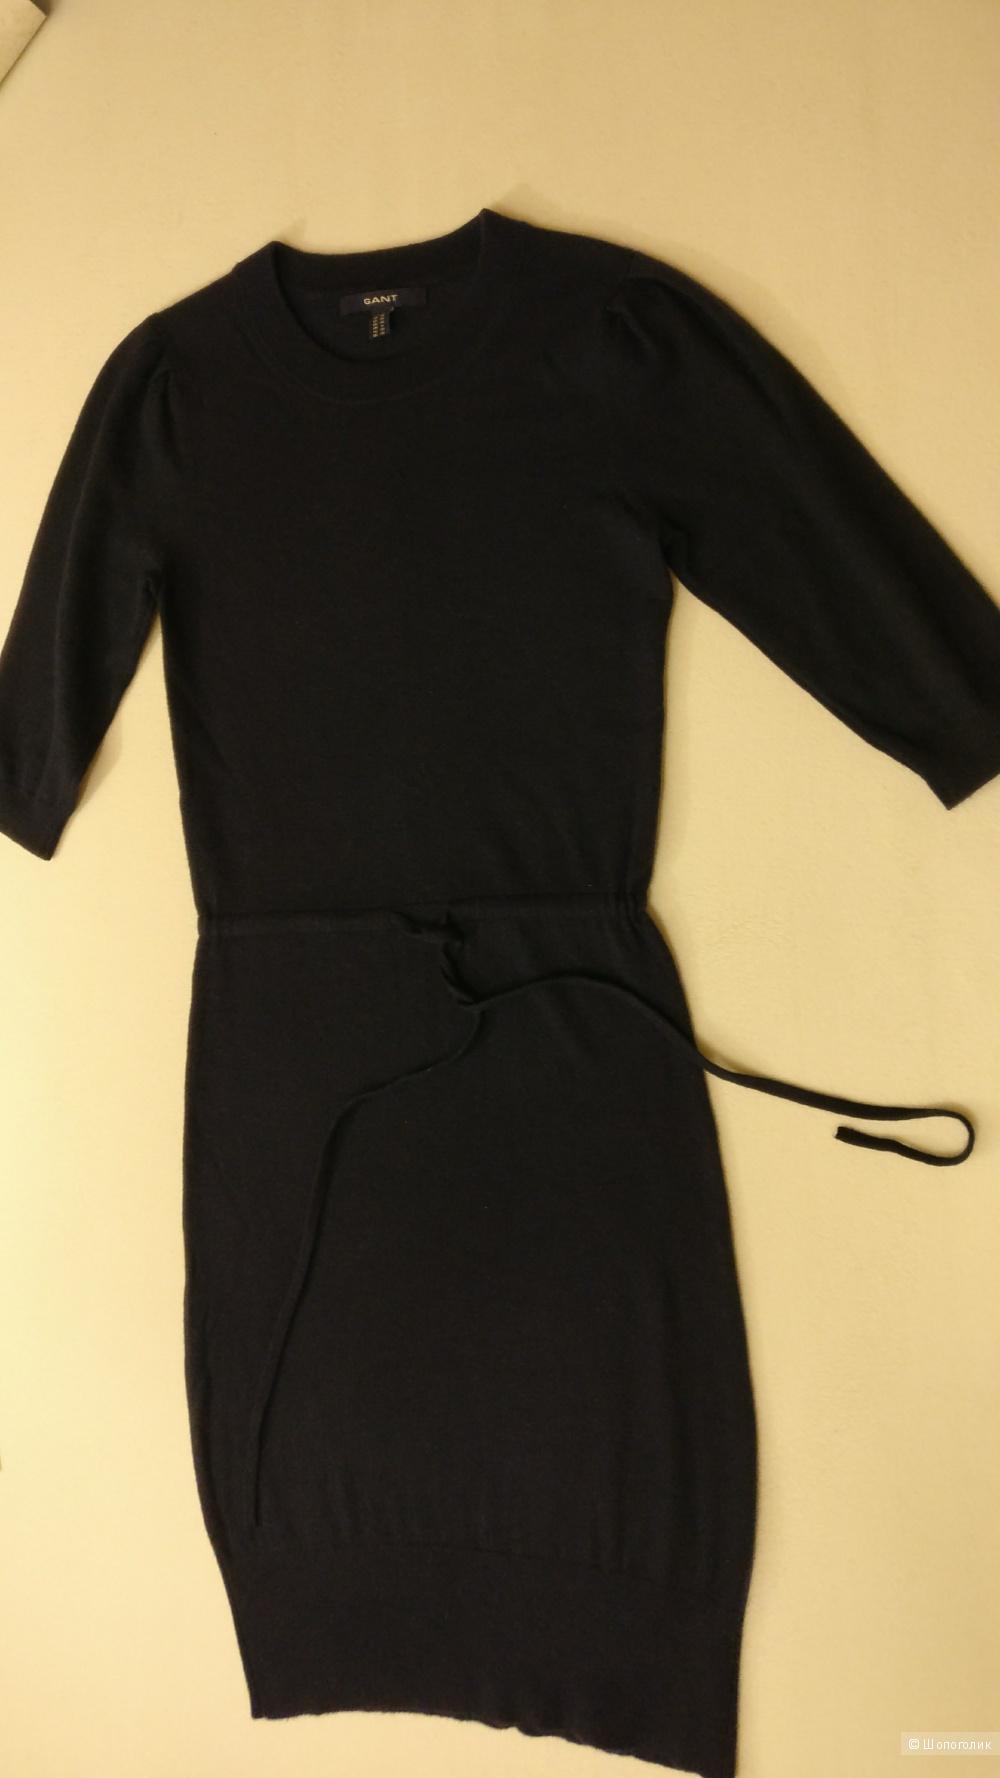 Синее шерстянное платье Gant xs